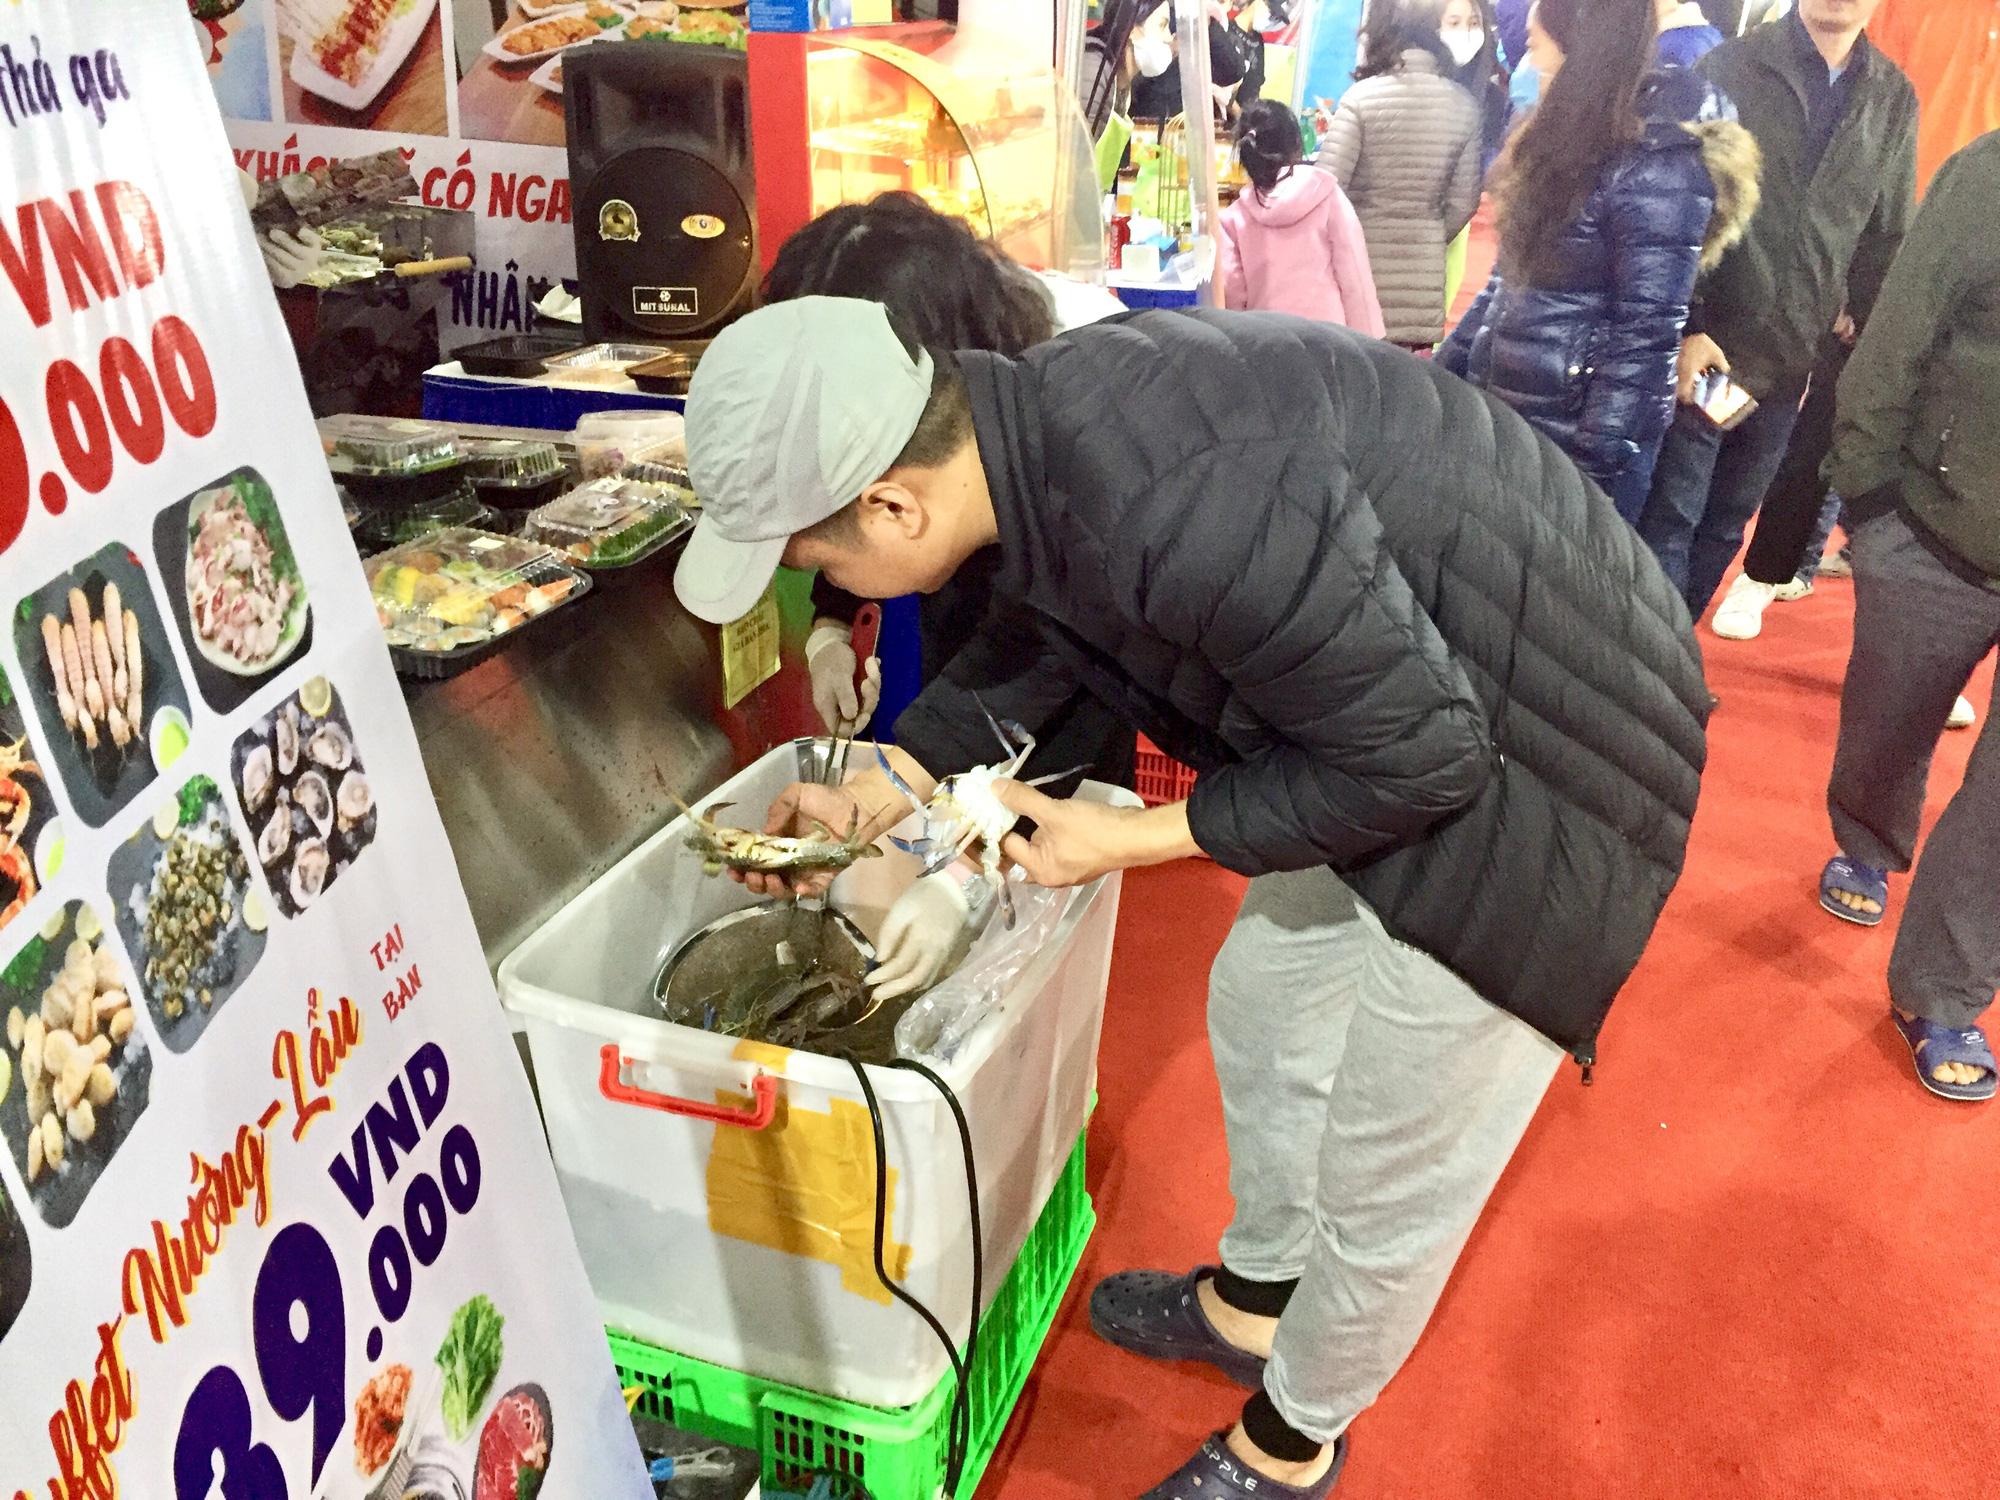 Hàng trăm đặc sản Quảng Ninh bày bán ở Hà Nội, có nước mắm sá sùng- nước mắm của loại hải sản đắt như vàng - Ảnh 2.